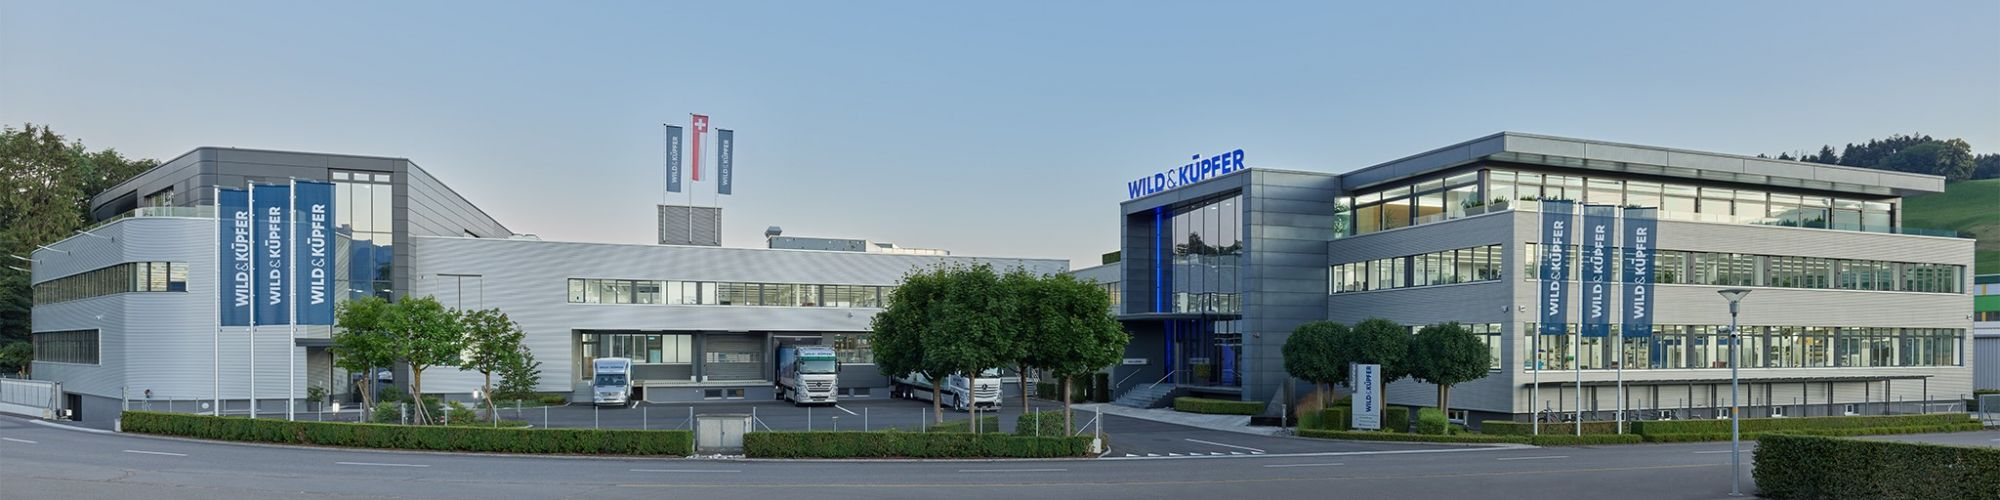 Wild & Küpfer AG